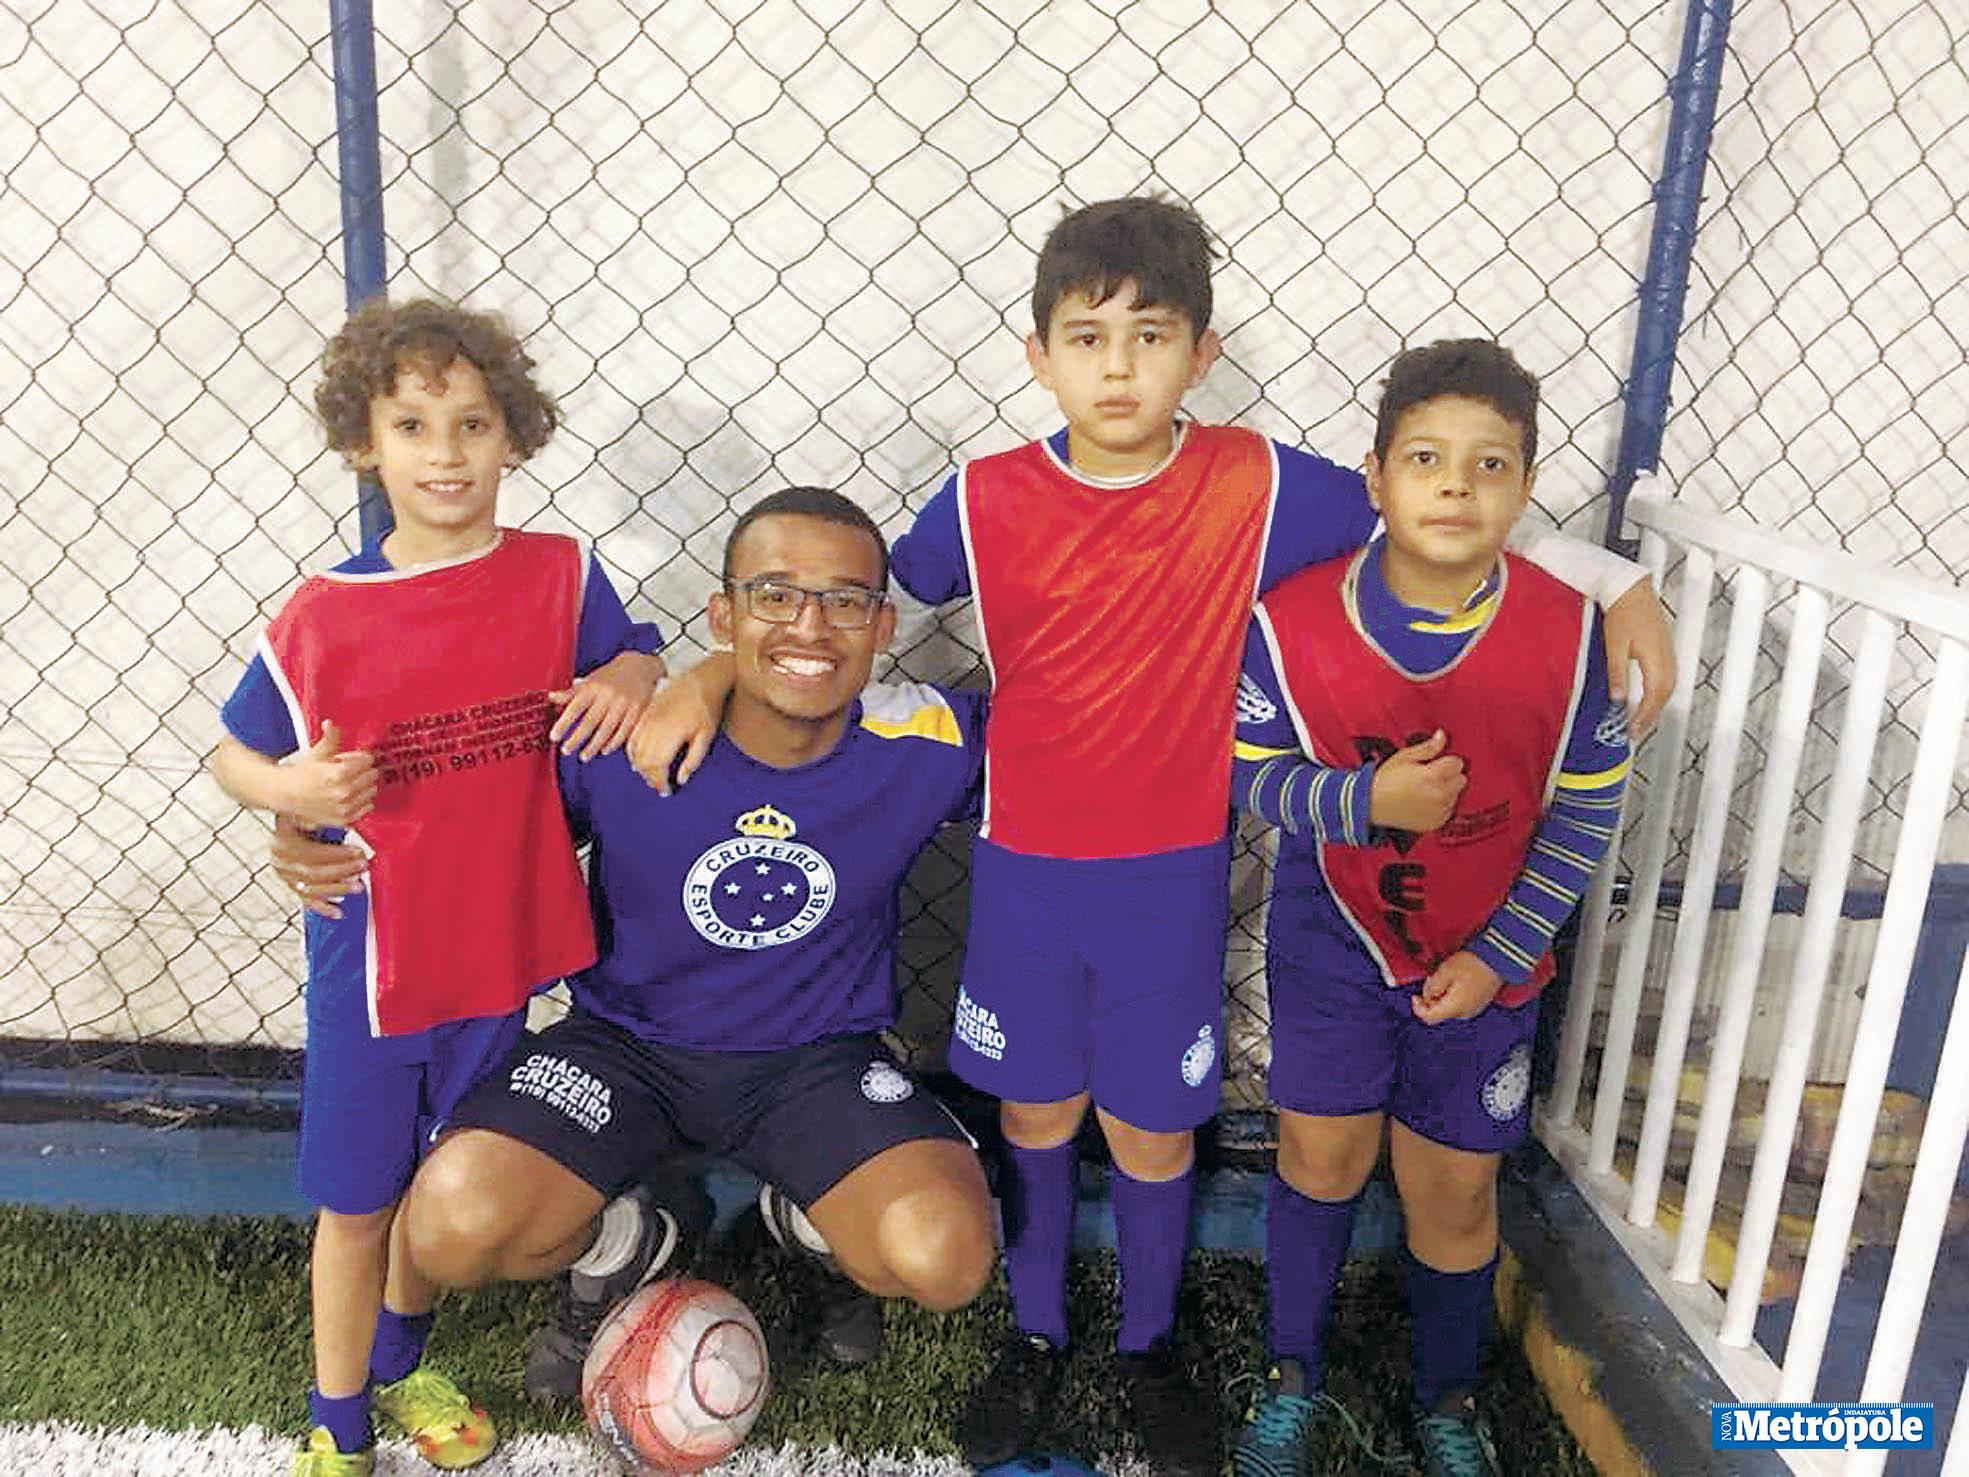 26 - Estagiário Kainan e alunos da Equipe Sub-9 da Escola de Futebol Oficial do Cruzeiro em recente treino